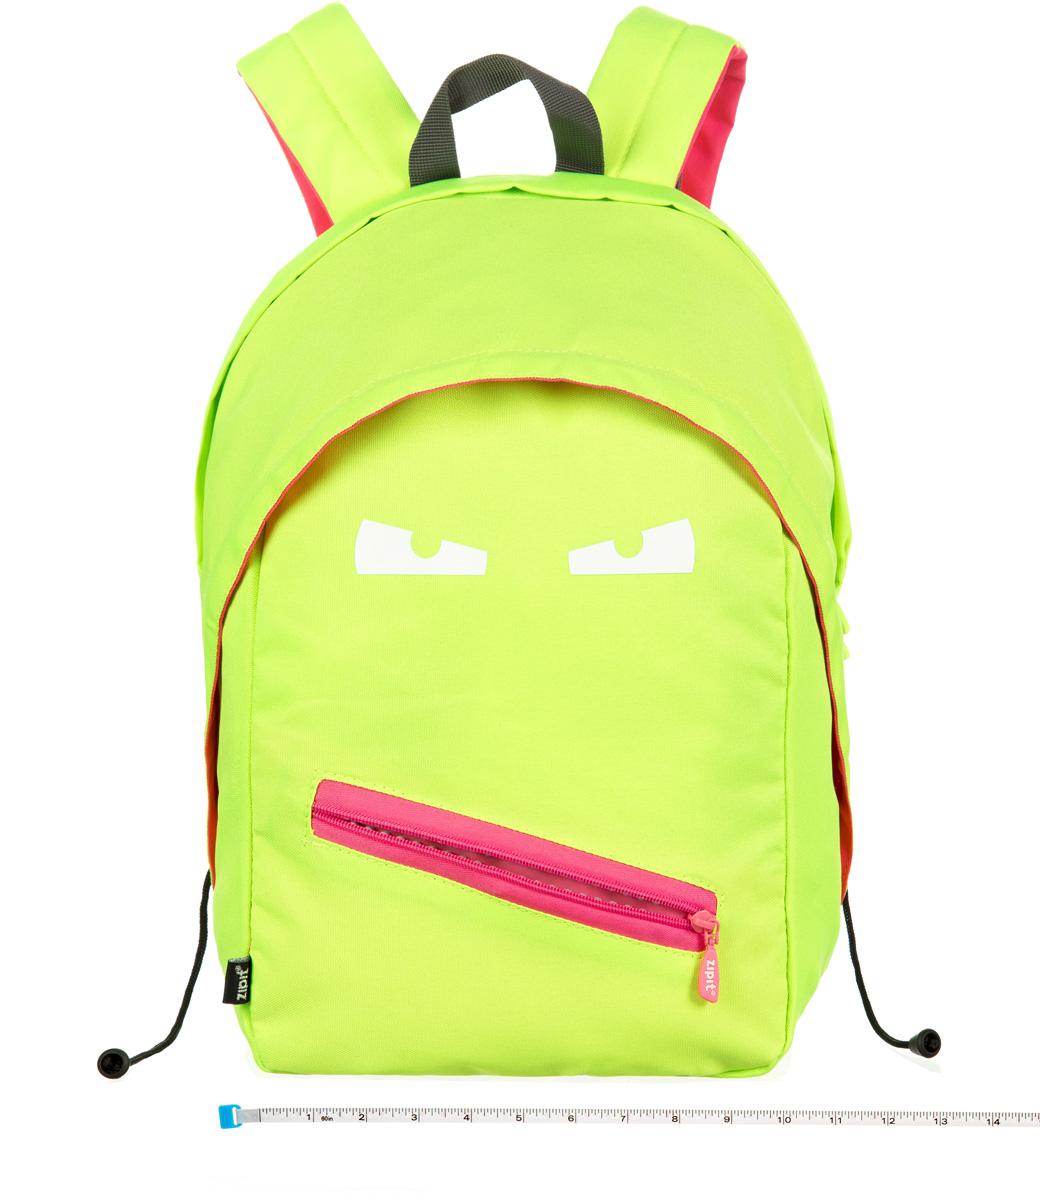 Zipit Рюкзак Grillz Backpacks цвет лаймZBPL-GR-3Классный дизайн - с Zipit Grillz рюкзак дети будут с хорошим настроением весь день! Крыша, глаза и растегивающийся рот - это отличает рюкзак от других! У рюкзака одно основное отделение и один маленький внешний карман. Мягкая спинка и регулируемые мягкие ремни - все, что нужно для комфорта!